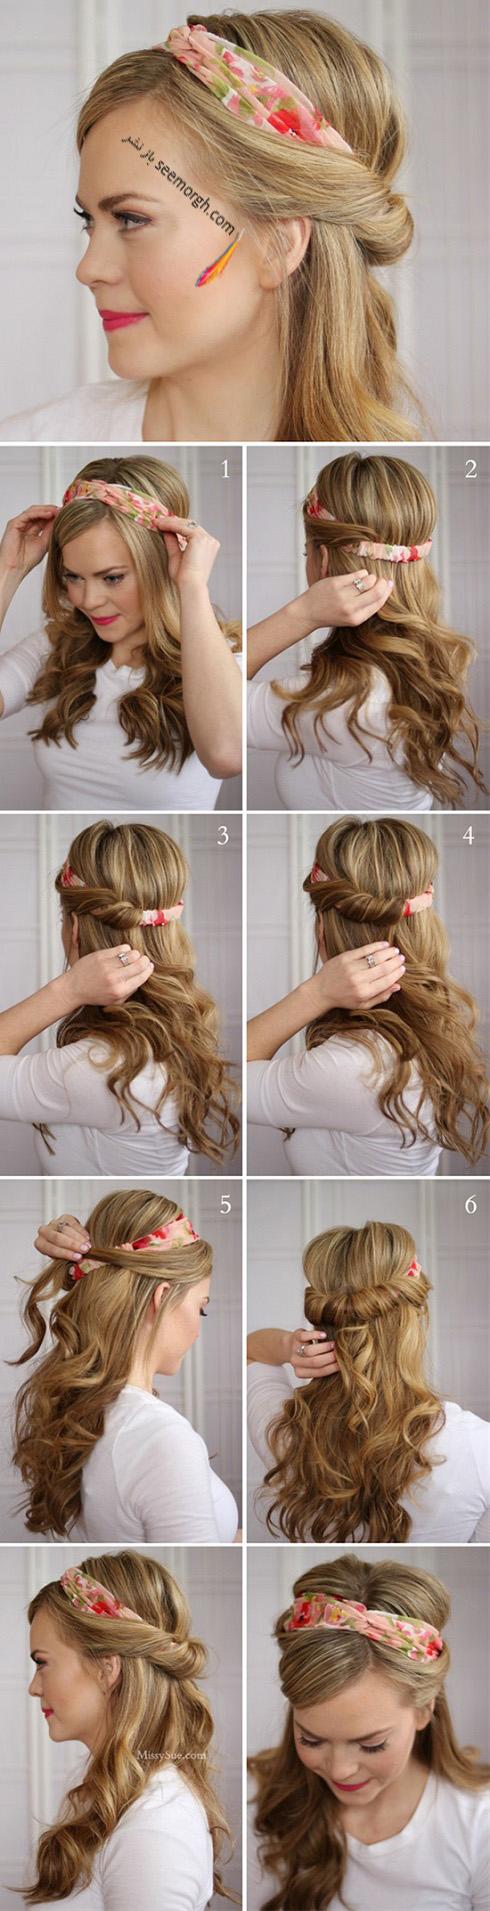 ۱۲ شیوه جدید و زیبا بستن دستمال سر دخترانه